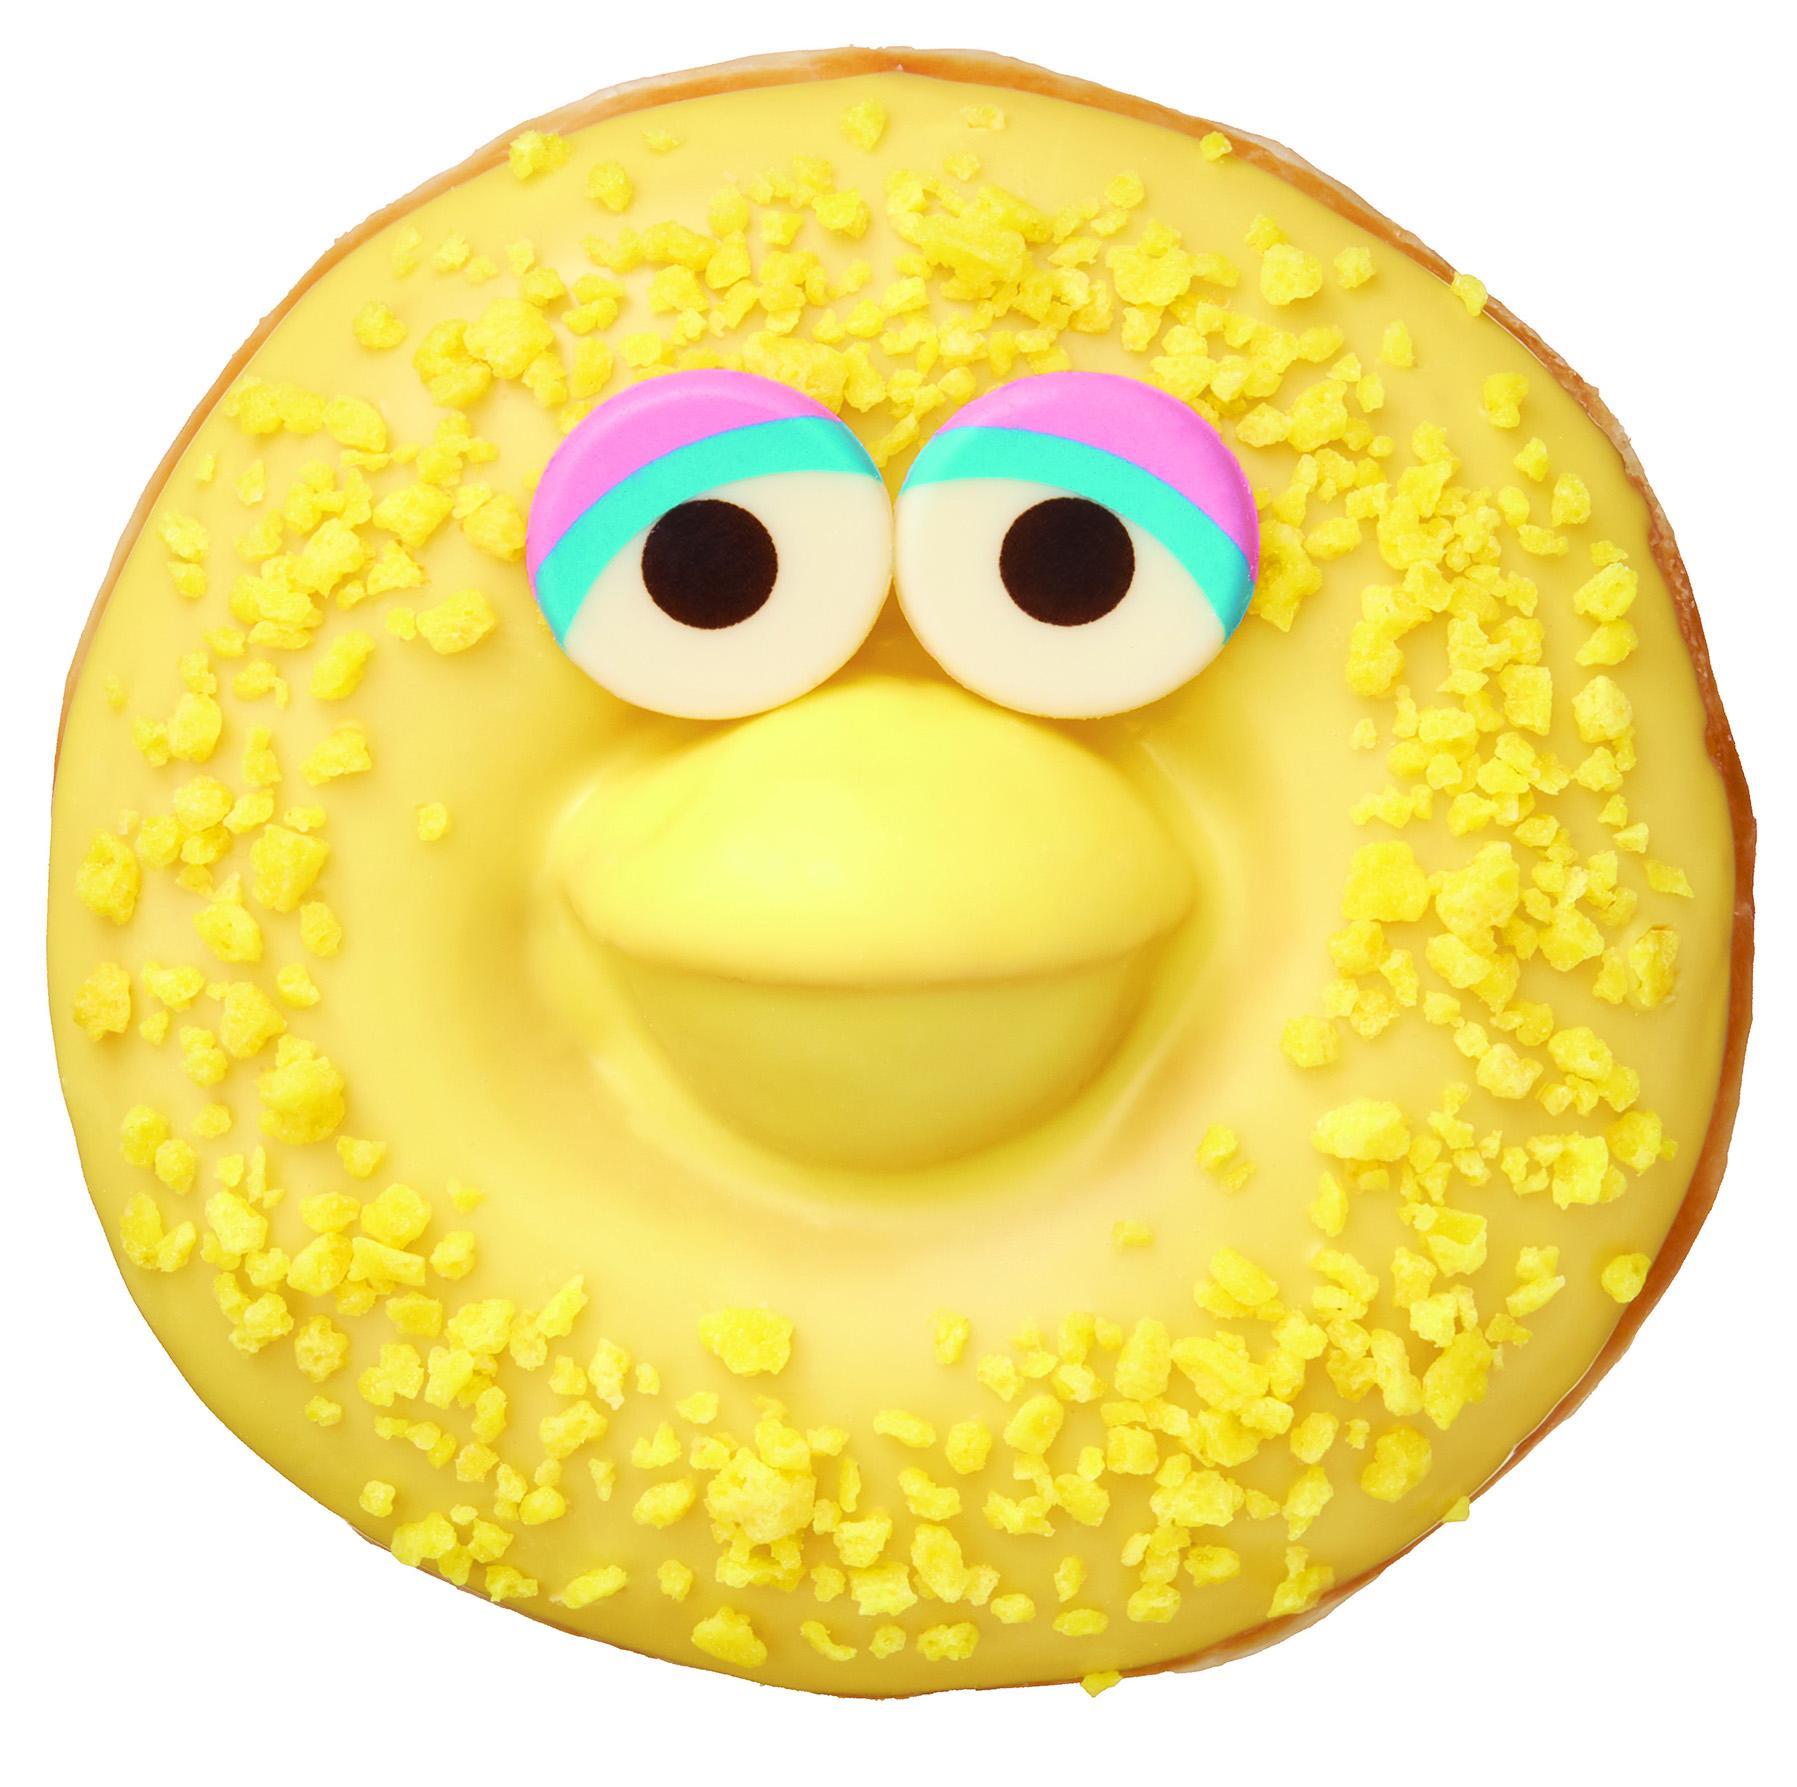 エルモやクッキーモンスターがドーナツに!!  『クリスピー・クリーム・ドーナツ』と『セサミストリート』の限定コラボ登場☆_4